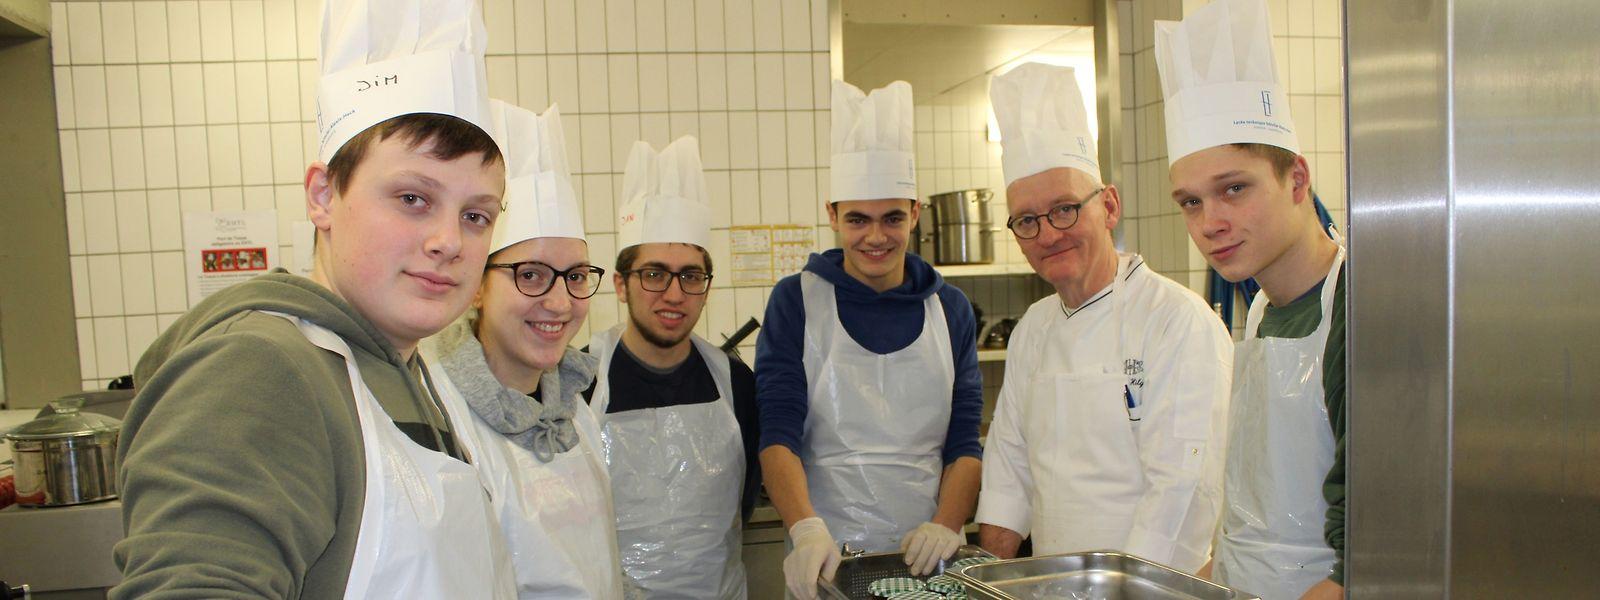 28,4% des 15-24 ans du Luxembourg occupent un emploi.